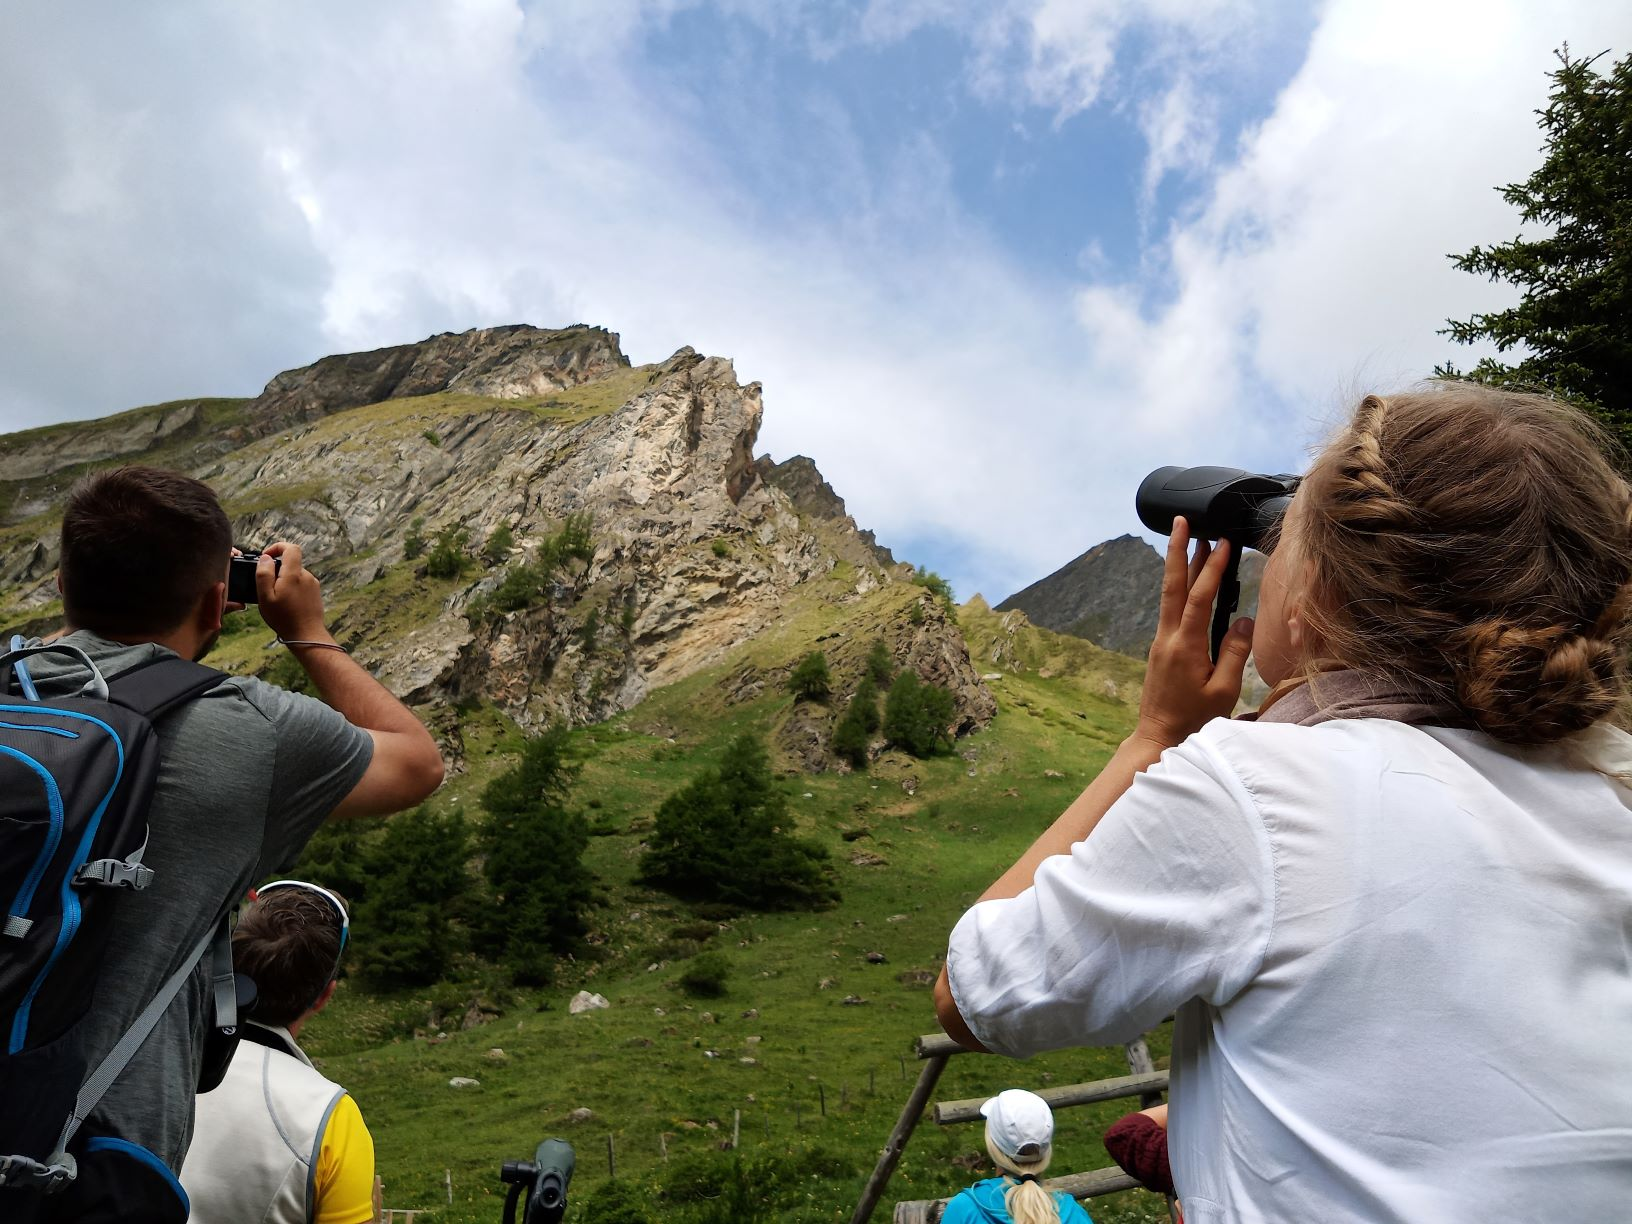 Hoch Hinaus Zum Abschluss – Tiroler Naturführerkurs Jubiläumskurs Modul Gebirge, Nationalpark Hohe Tauern, 20.-23. 6. 2019